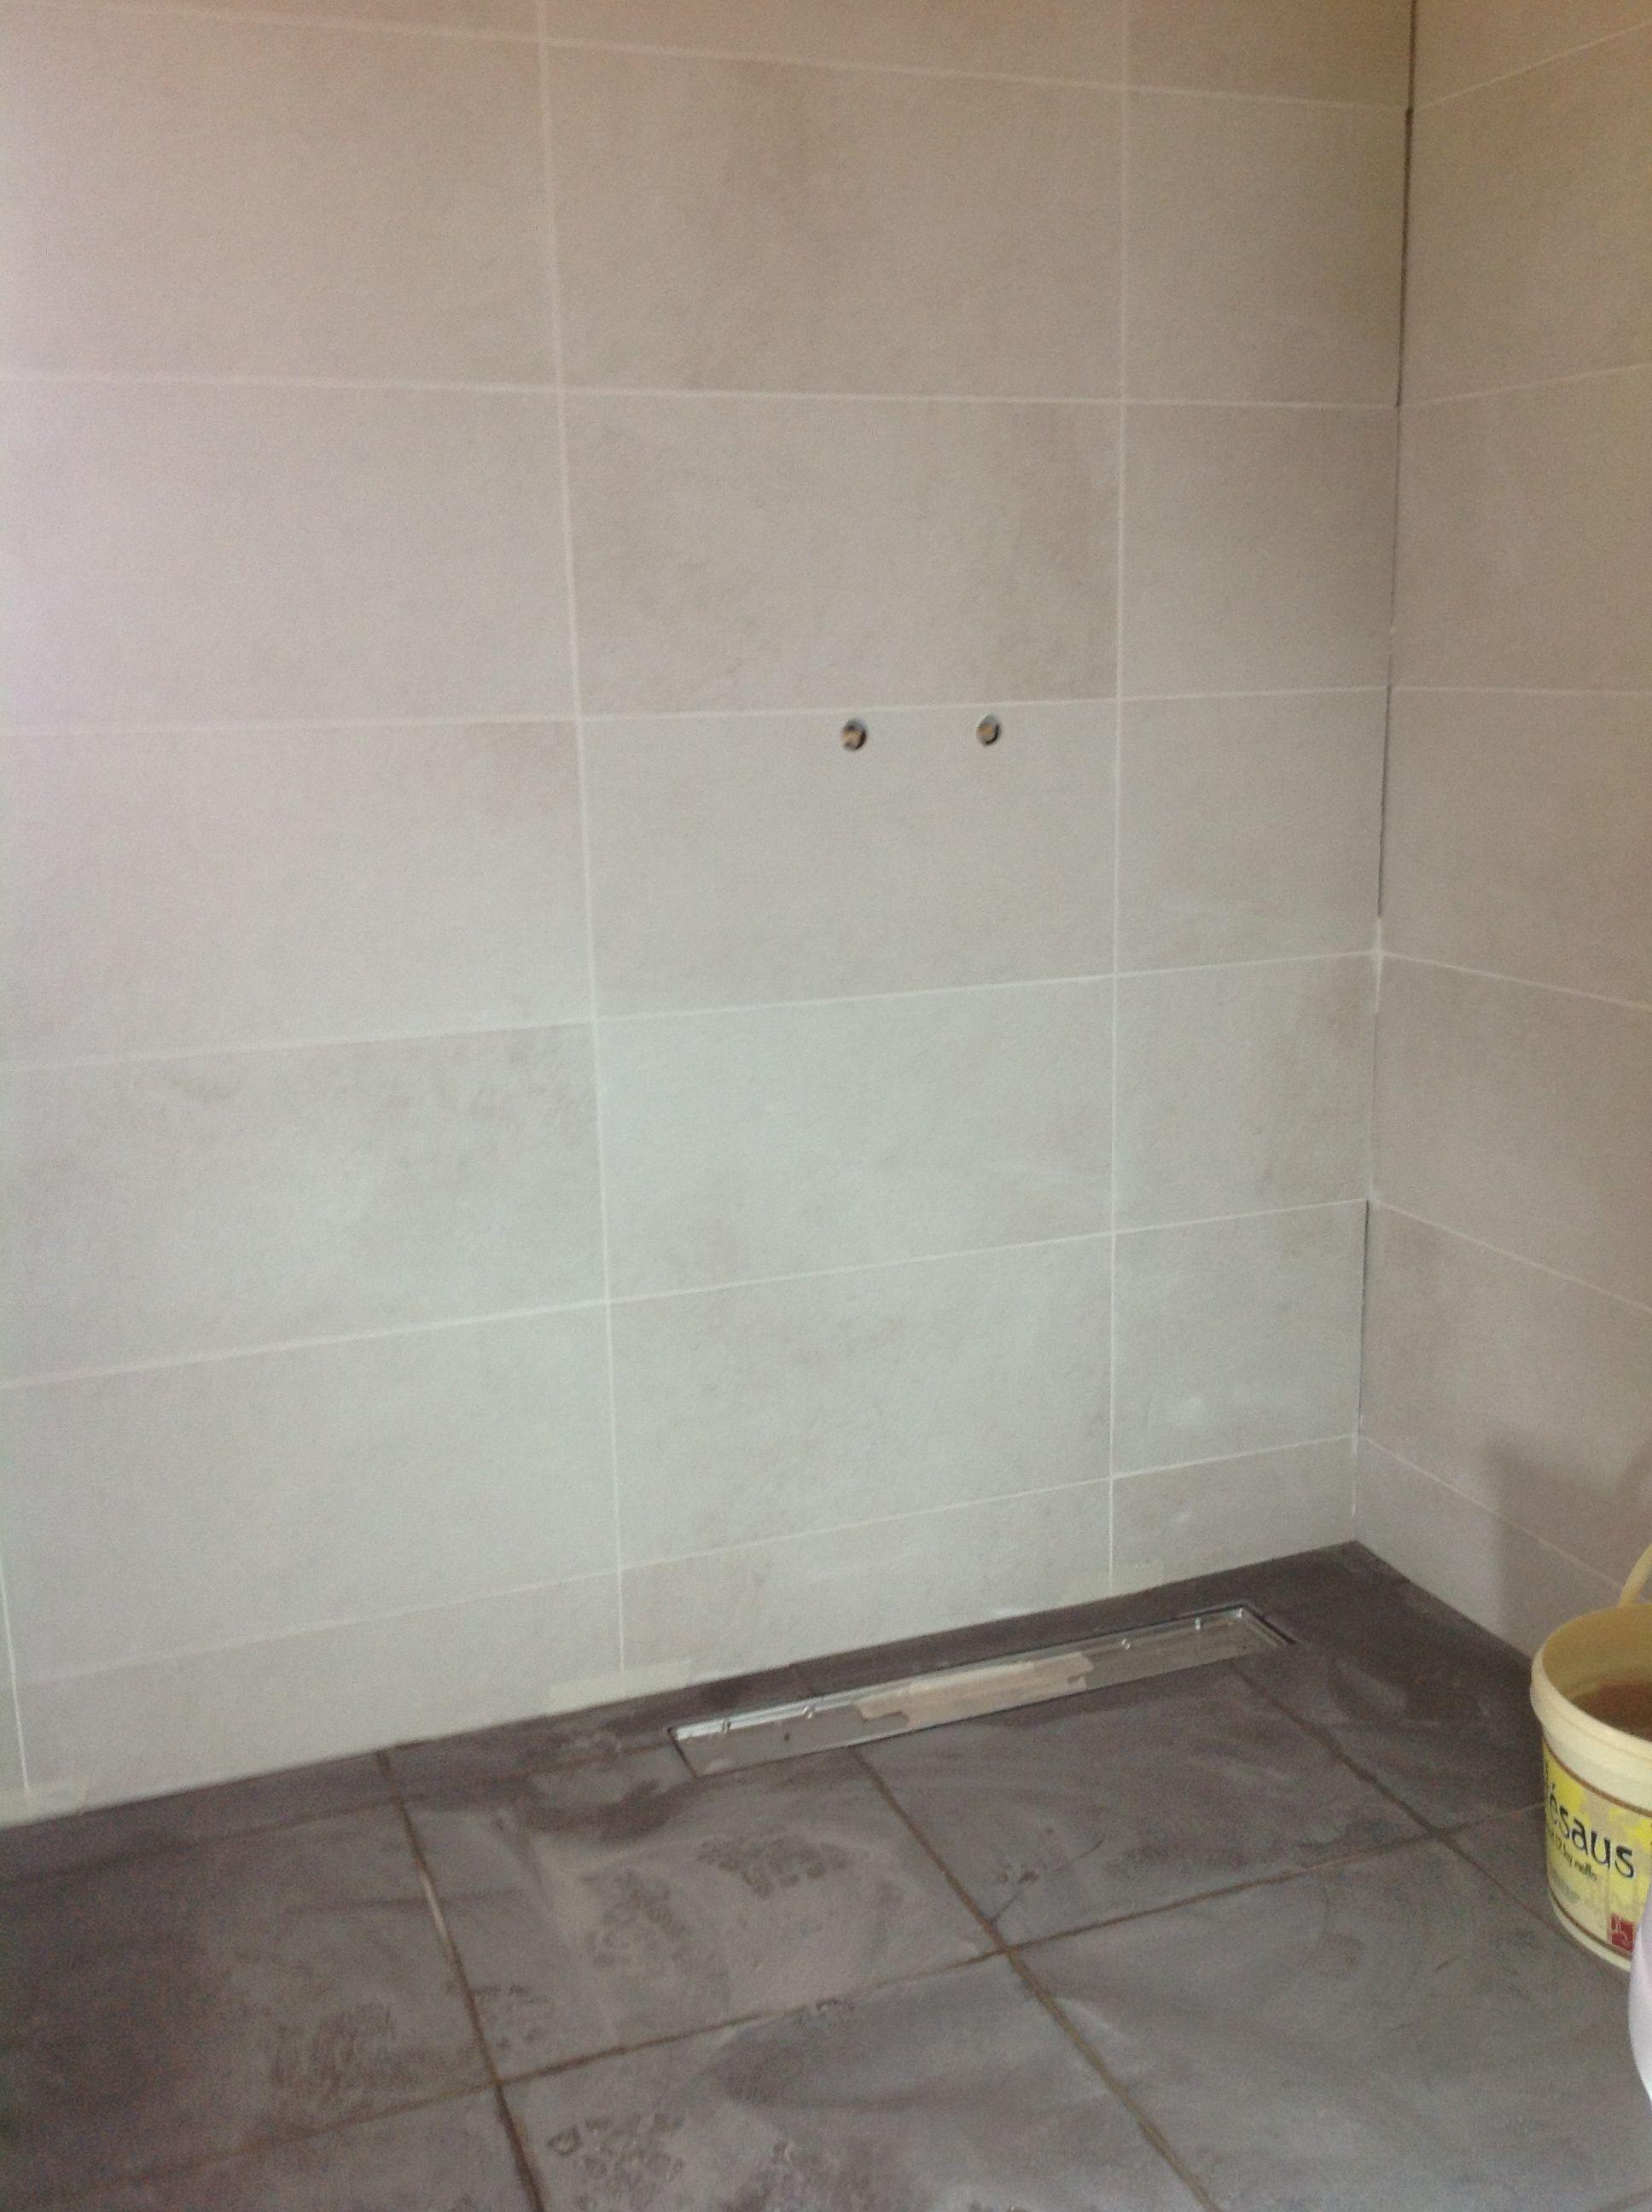 Pin de Fiamma Tapia en Cuarto de baño | Cuarto de baño ...